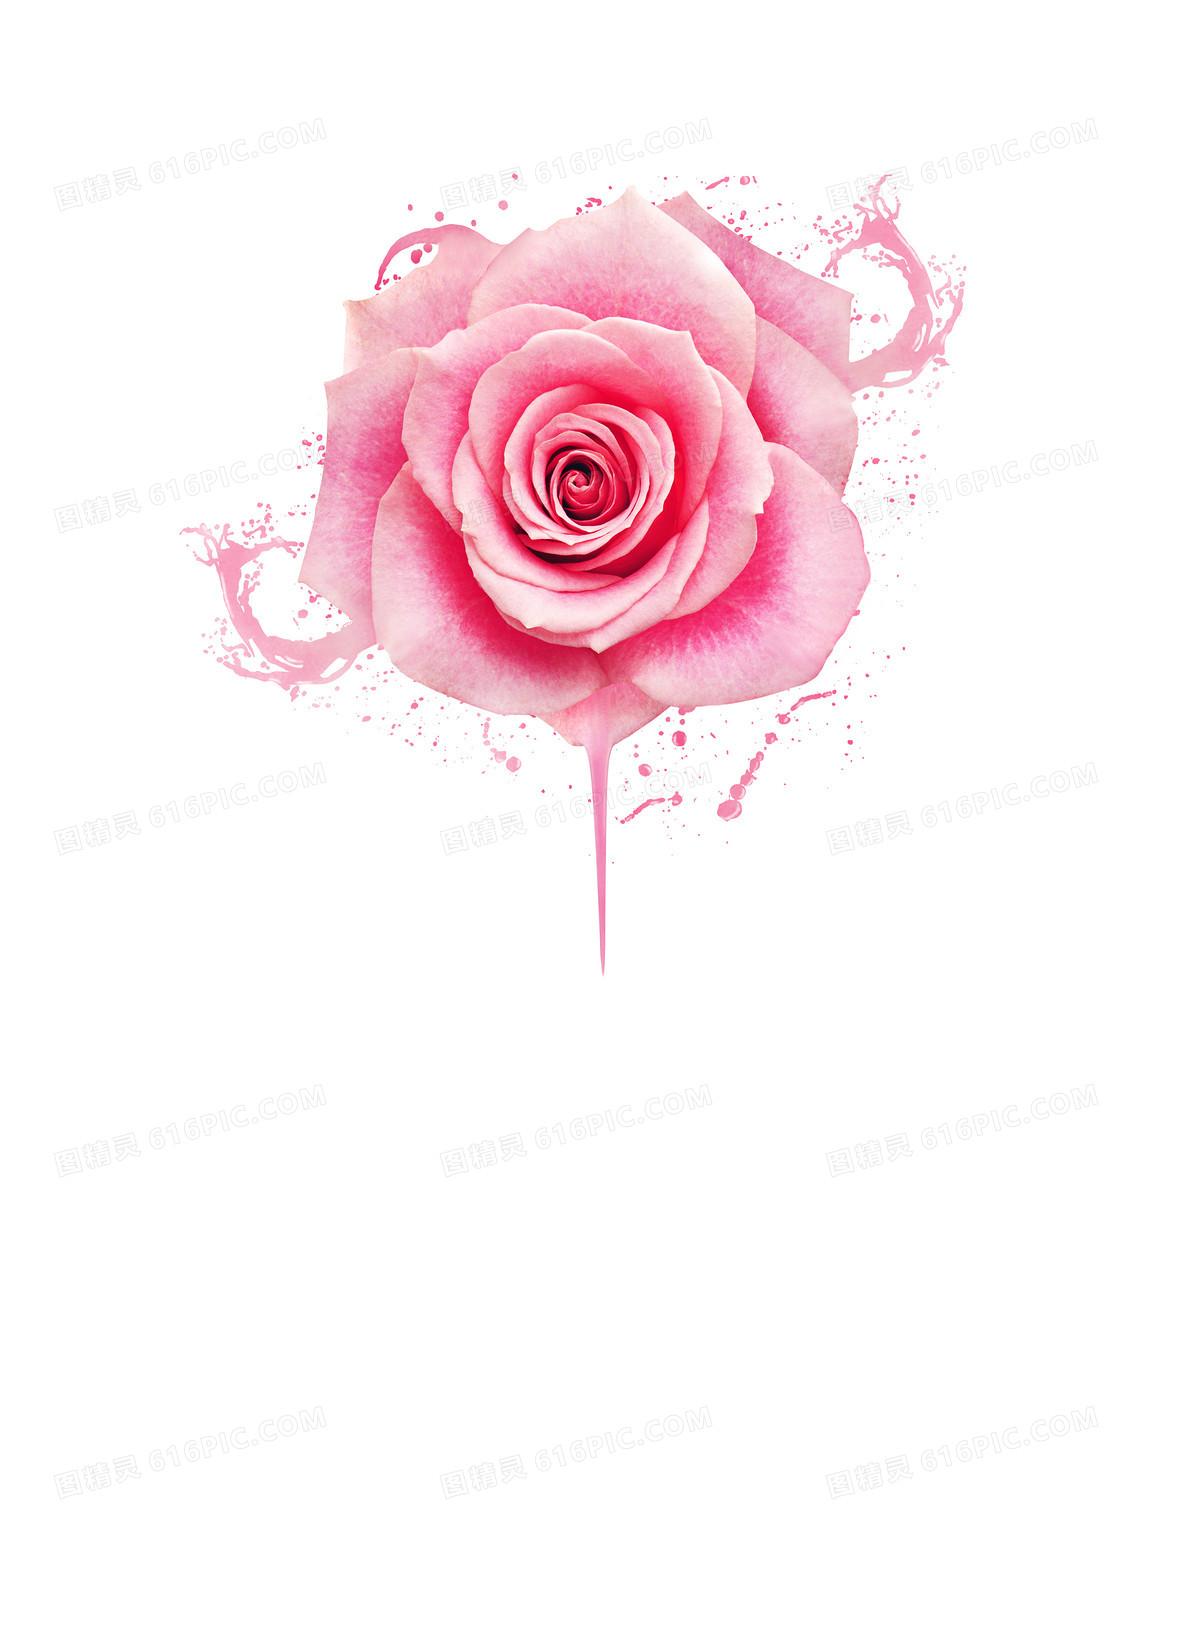 粉色浪漫梦幻玫瑰海报背景素材